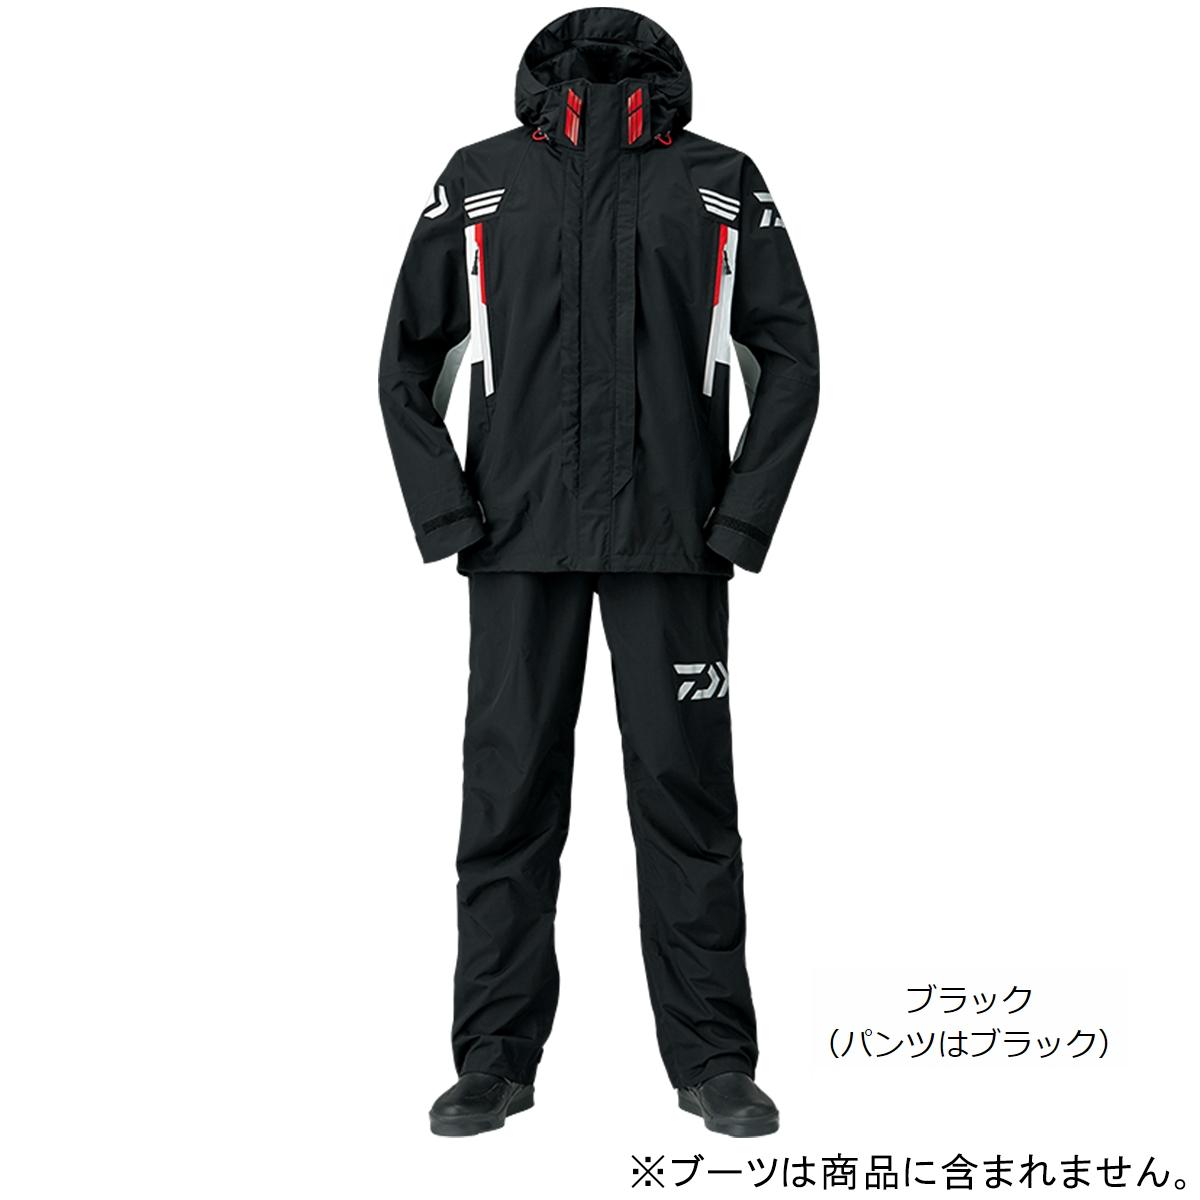 ダイワ レインマックス ハイパー コンビアップレインスーツ DR-3108 XL ブラック(東日本店)